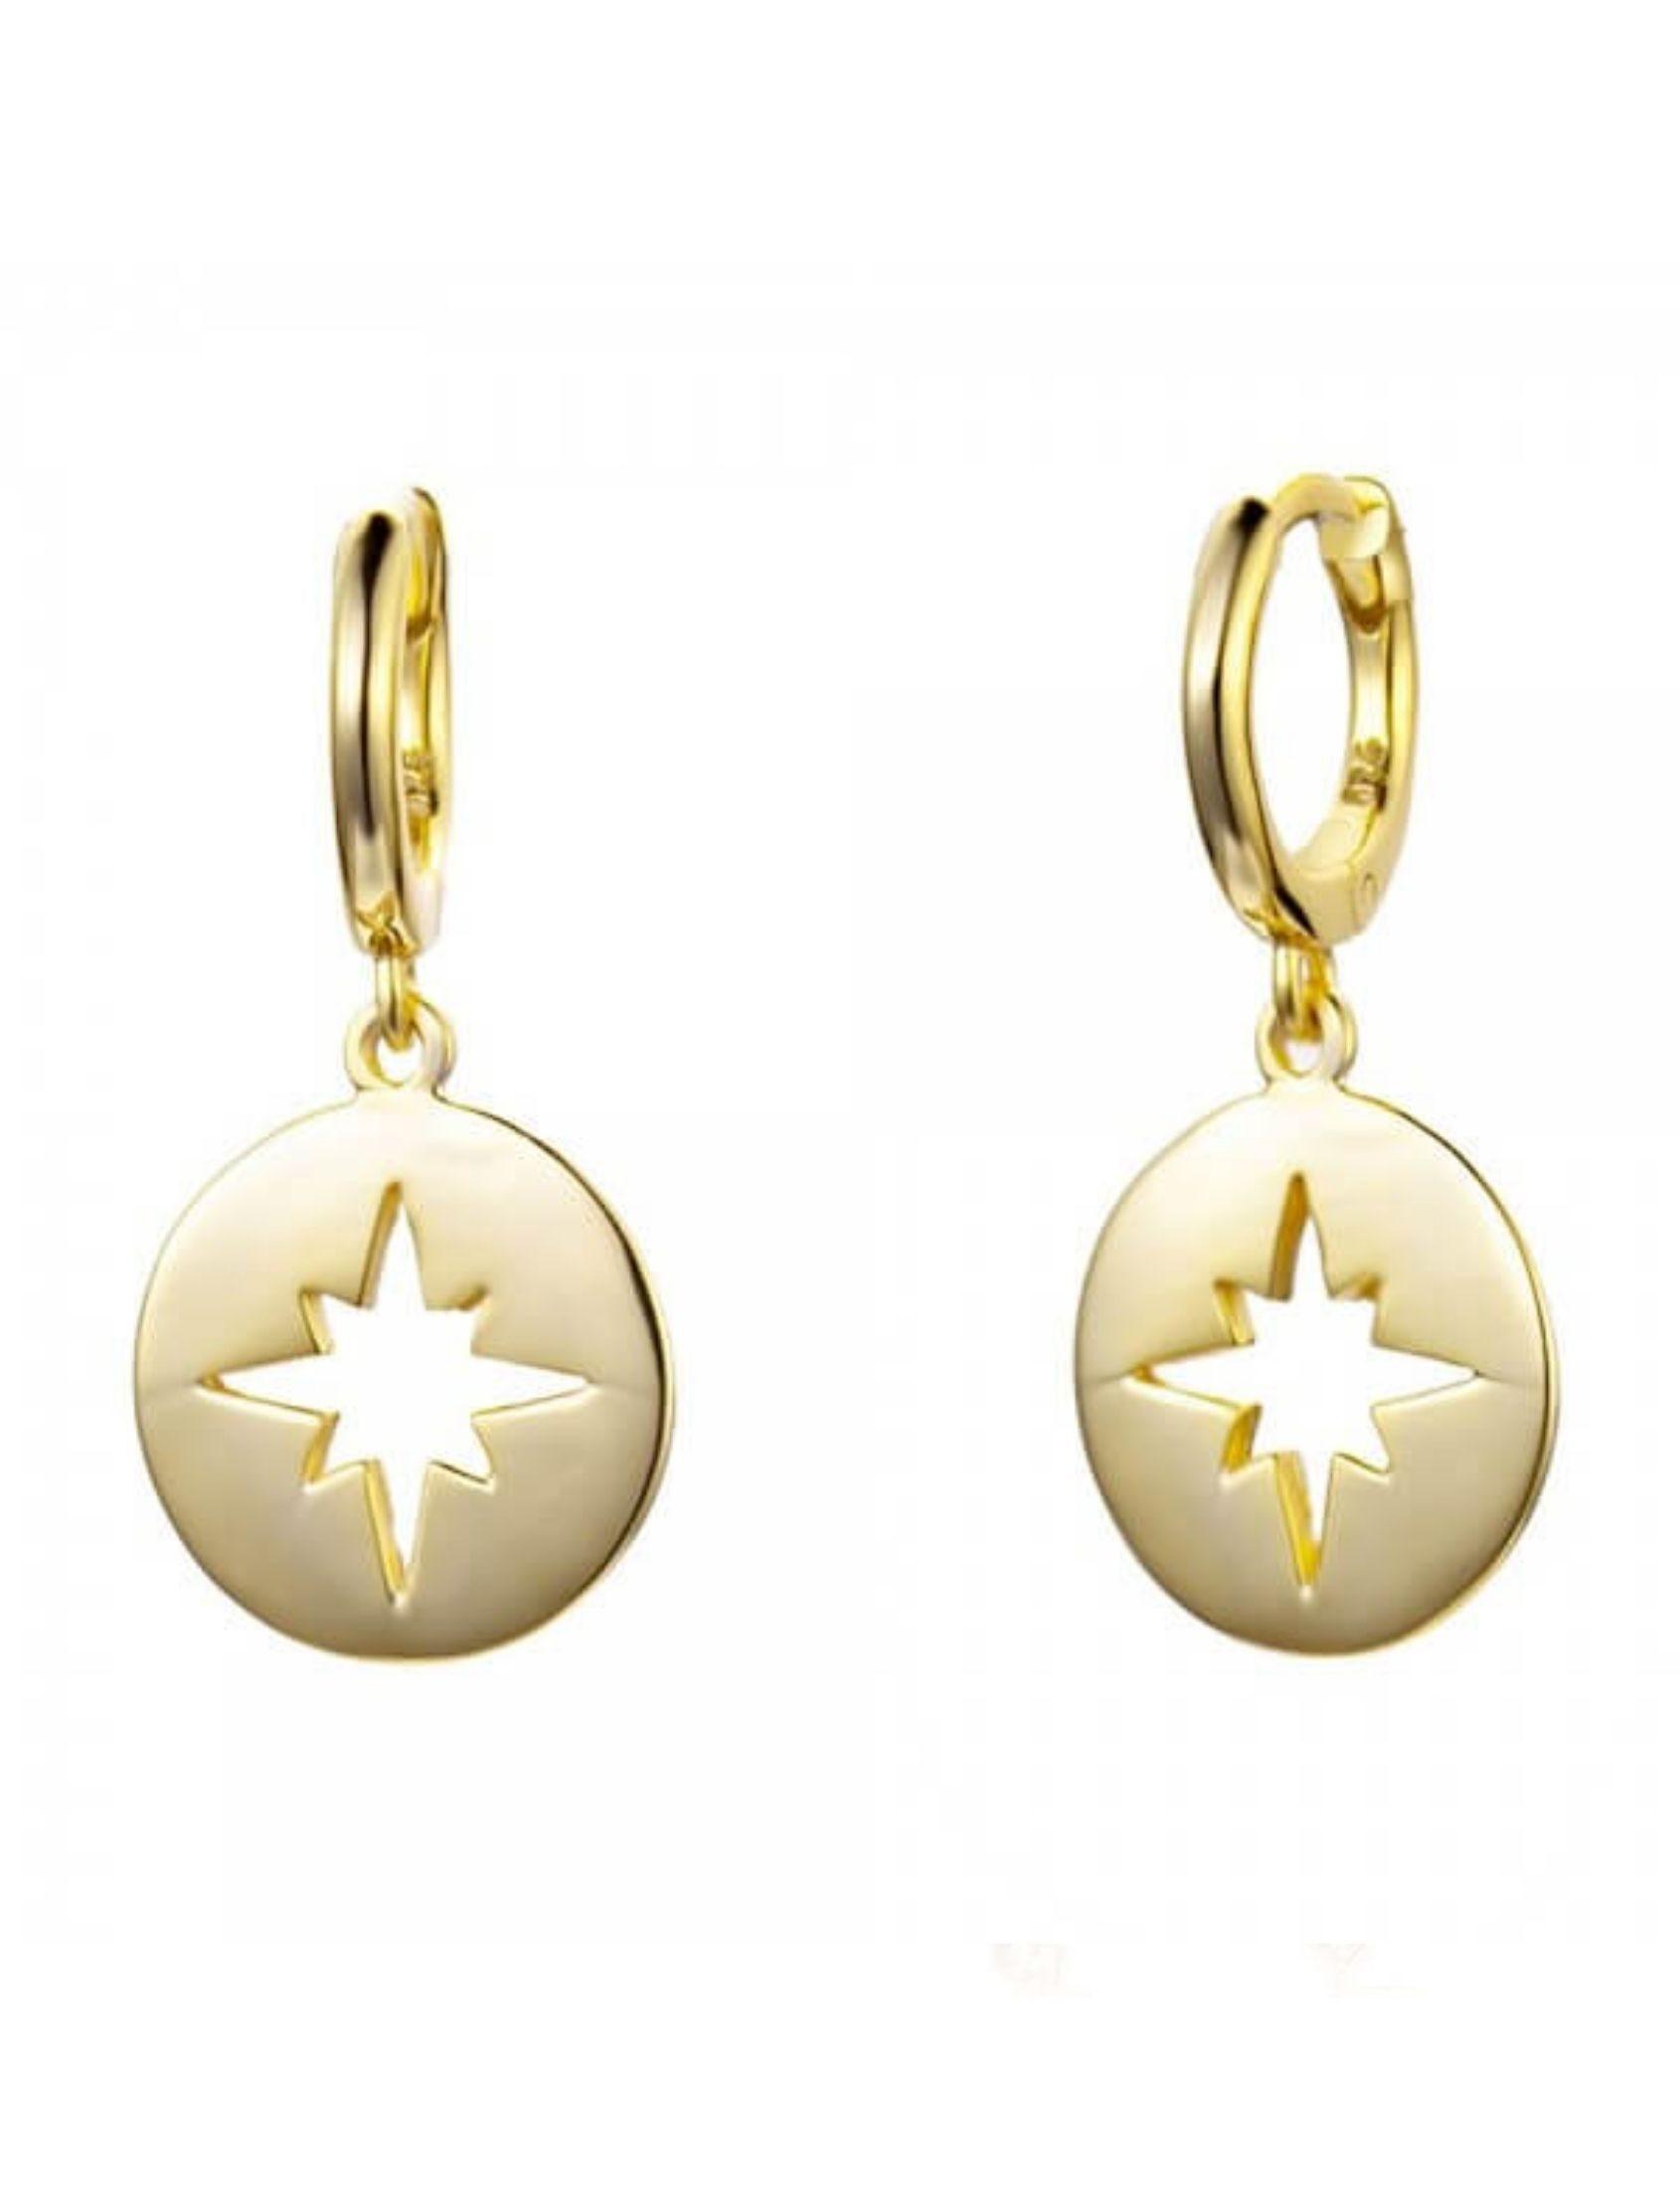 pendientes aro con colgante de medalla noa en plata chapada en oro